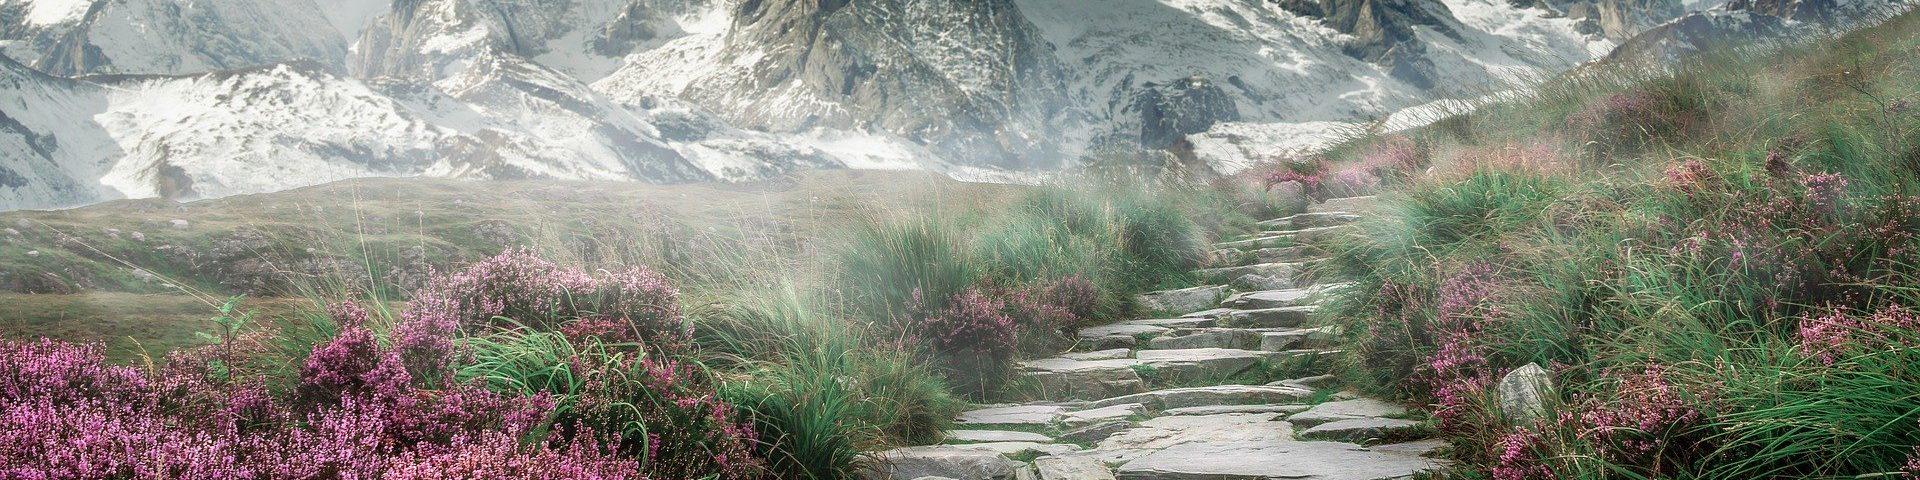 Treppenstufe_berg